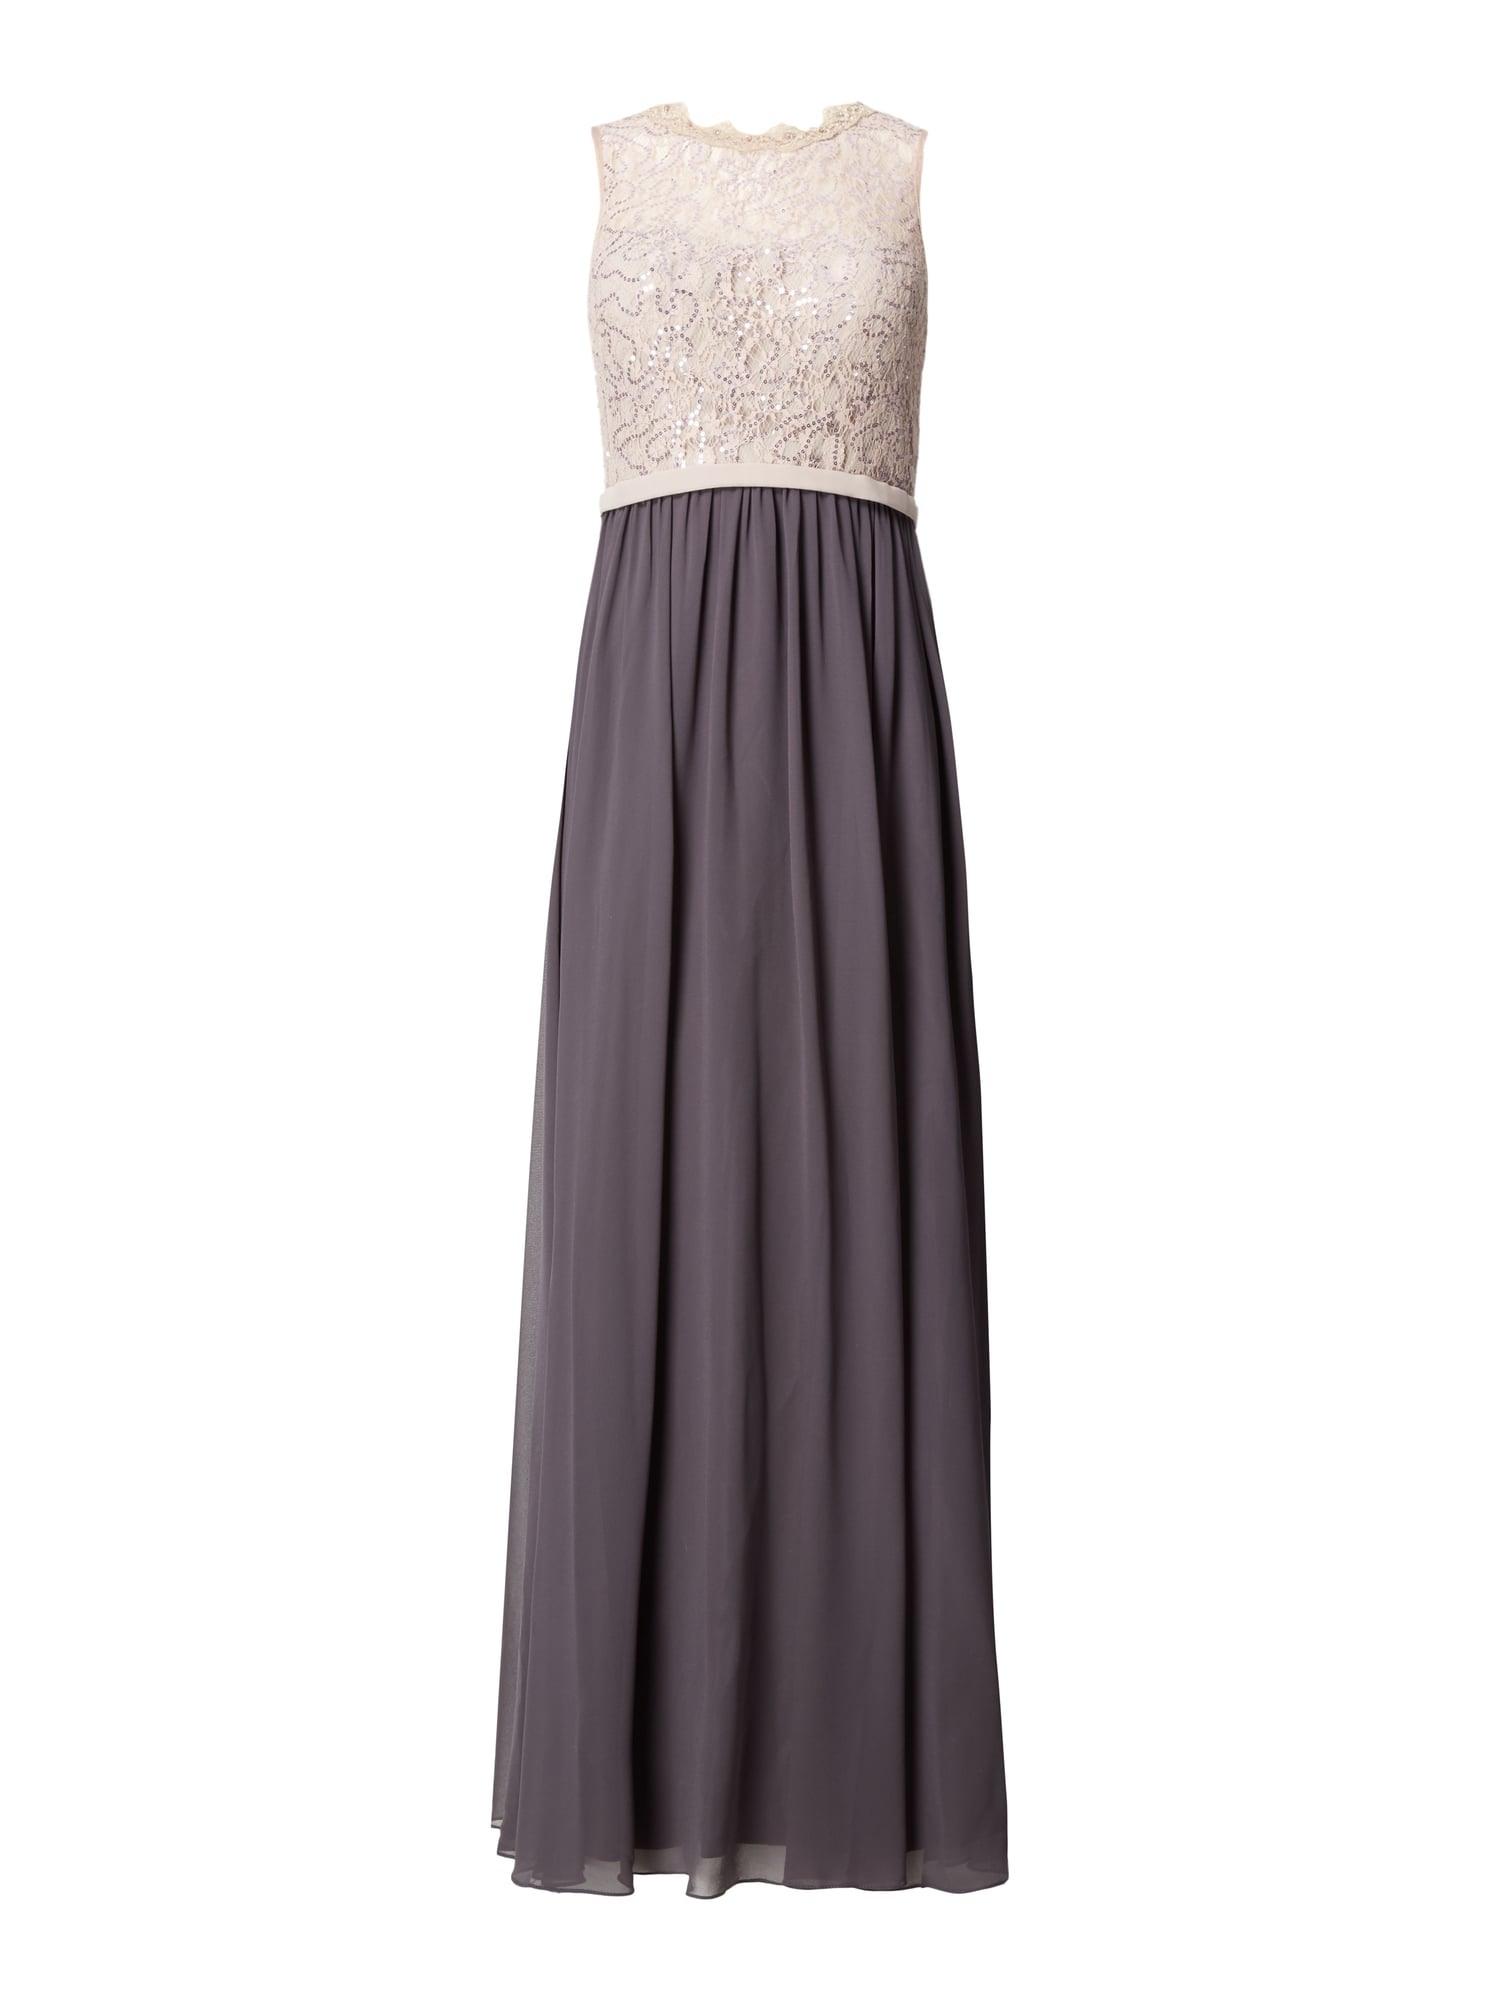 17 Elegant Abendkleid Spitze Ärmel13 Schön Abendkleid Spitze Boutique